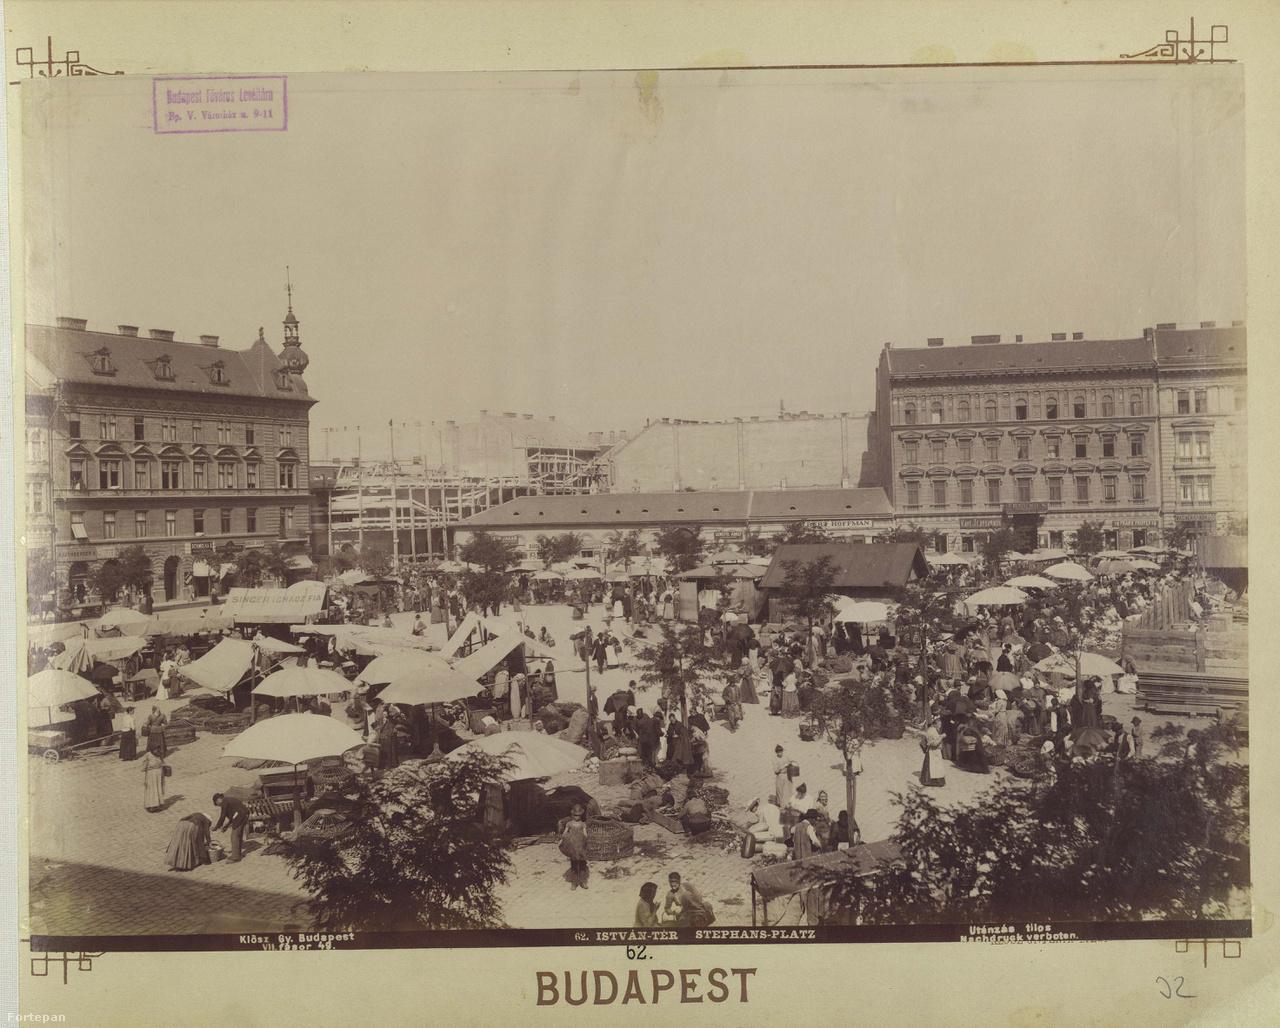 A századforduló előtt szabadtéri volt, ma már tető alá került – mindenesetre a piac mindig fontos szerepet játszott a Klauzál tér életében. A második világháború előtt legendás cselédpiac működött a téren, az egyik legjobb cselédszerző hely a városban: a Keletiből egyenesen ide vezetett a parasztlányok útja. A Budapest100-ra az Idegenforgalmi Szakkönyvtár (Klauzál tér 5.) Klauzál Kalauzt nyom az érdeklődők kezébe, amelyből a nyomozós játék folyamán fény derül a tér és a teret körülvevő házak lakóinak titkaira. Lesz könyvcserebere és olvasósarok, kertbejárás a Kisdiófa Közösségi Kertben és tértörténet a Klauzál13 Könyvesboltban.